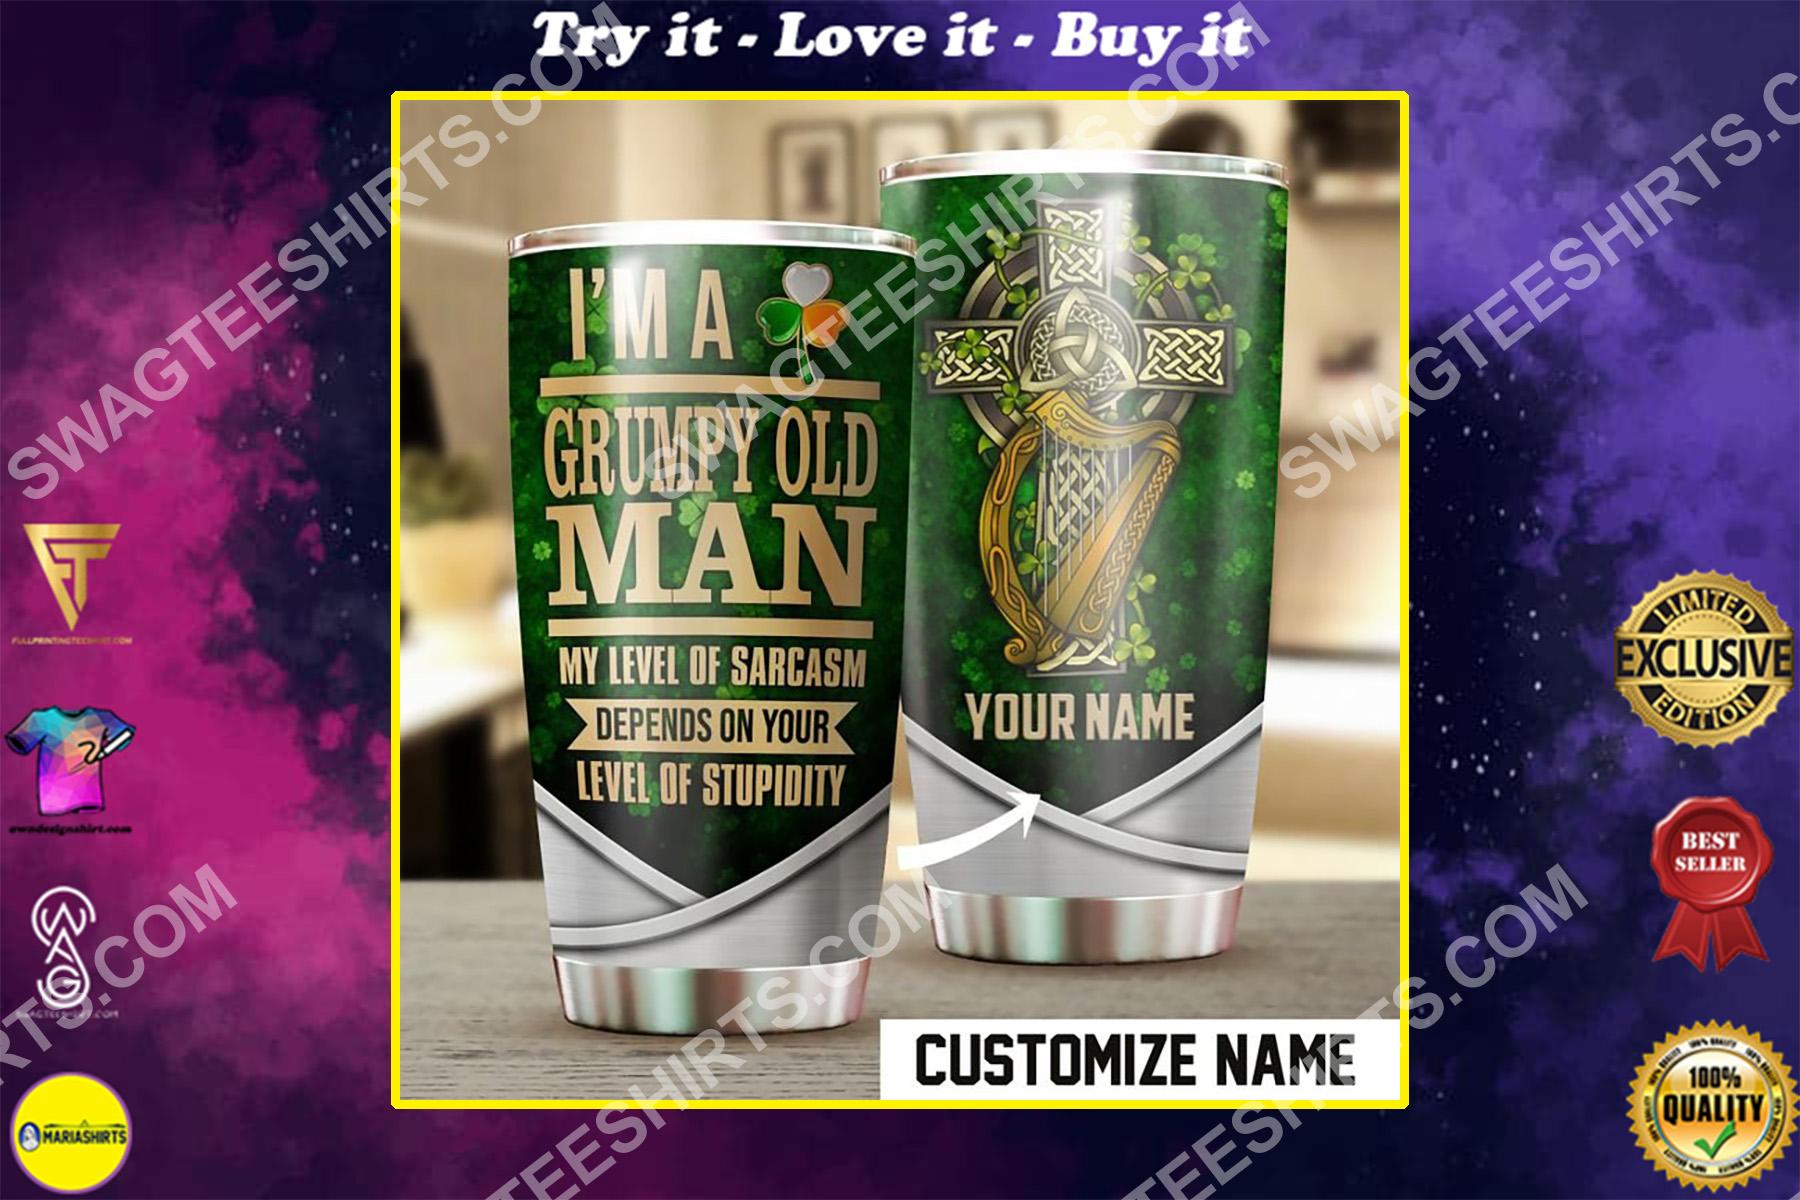 custom name celtic cross saint patricks day all over printed stainless steel tumbler